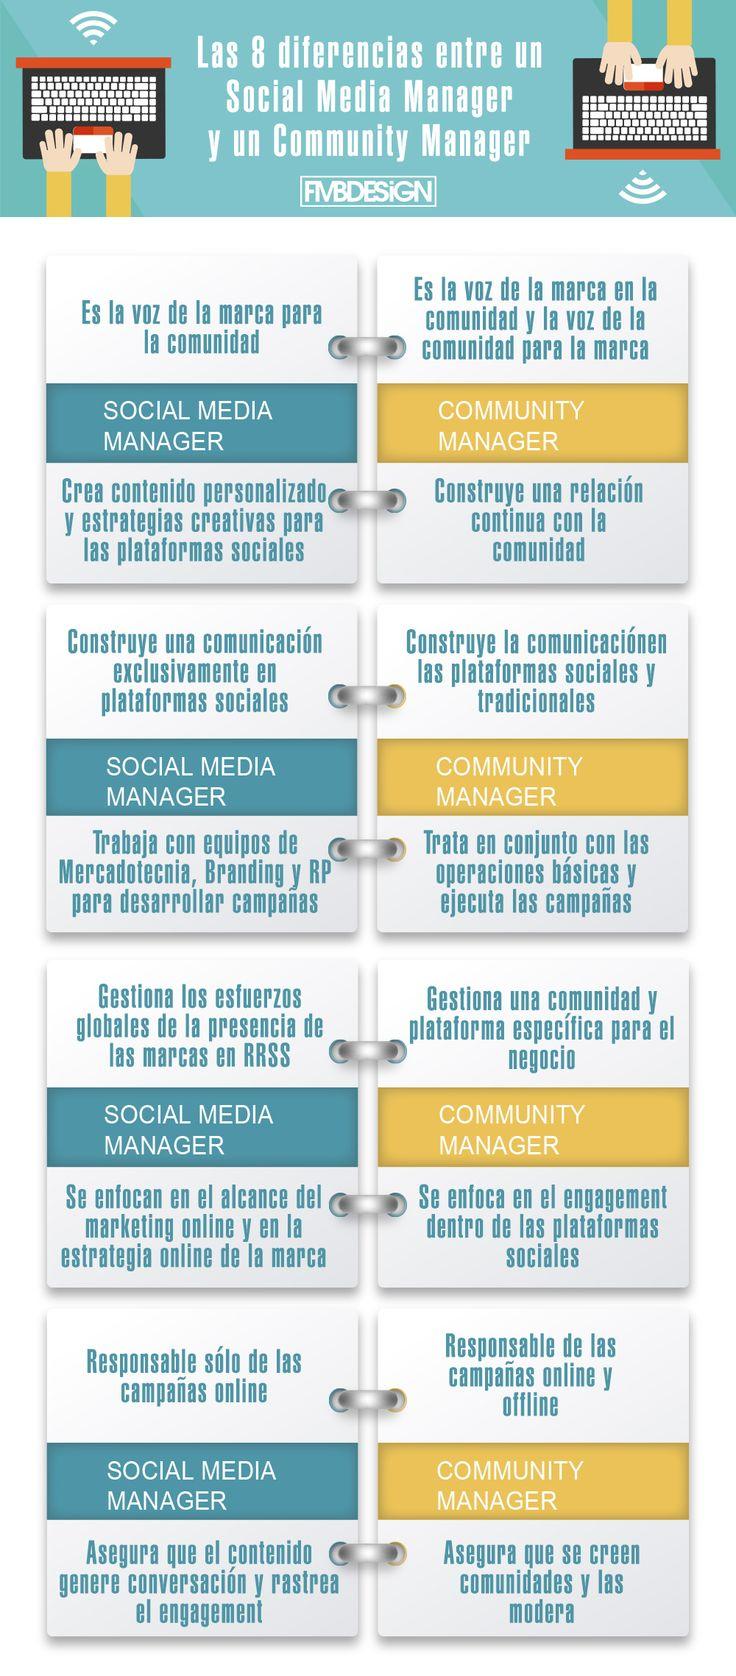 Las 8 diferencias entre Social Media Manager y Community Manager